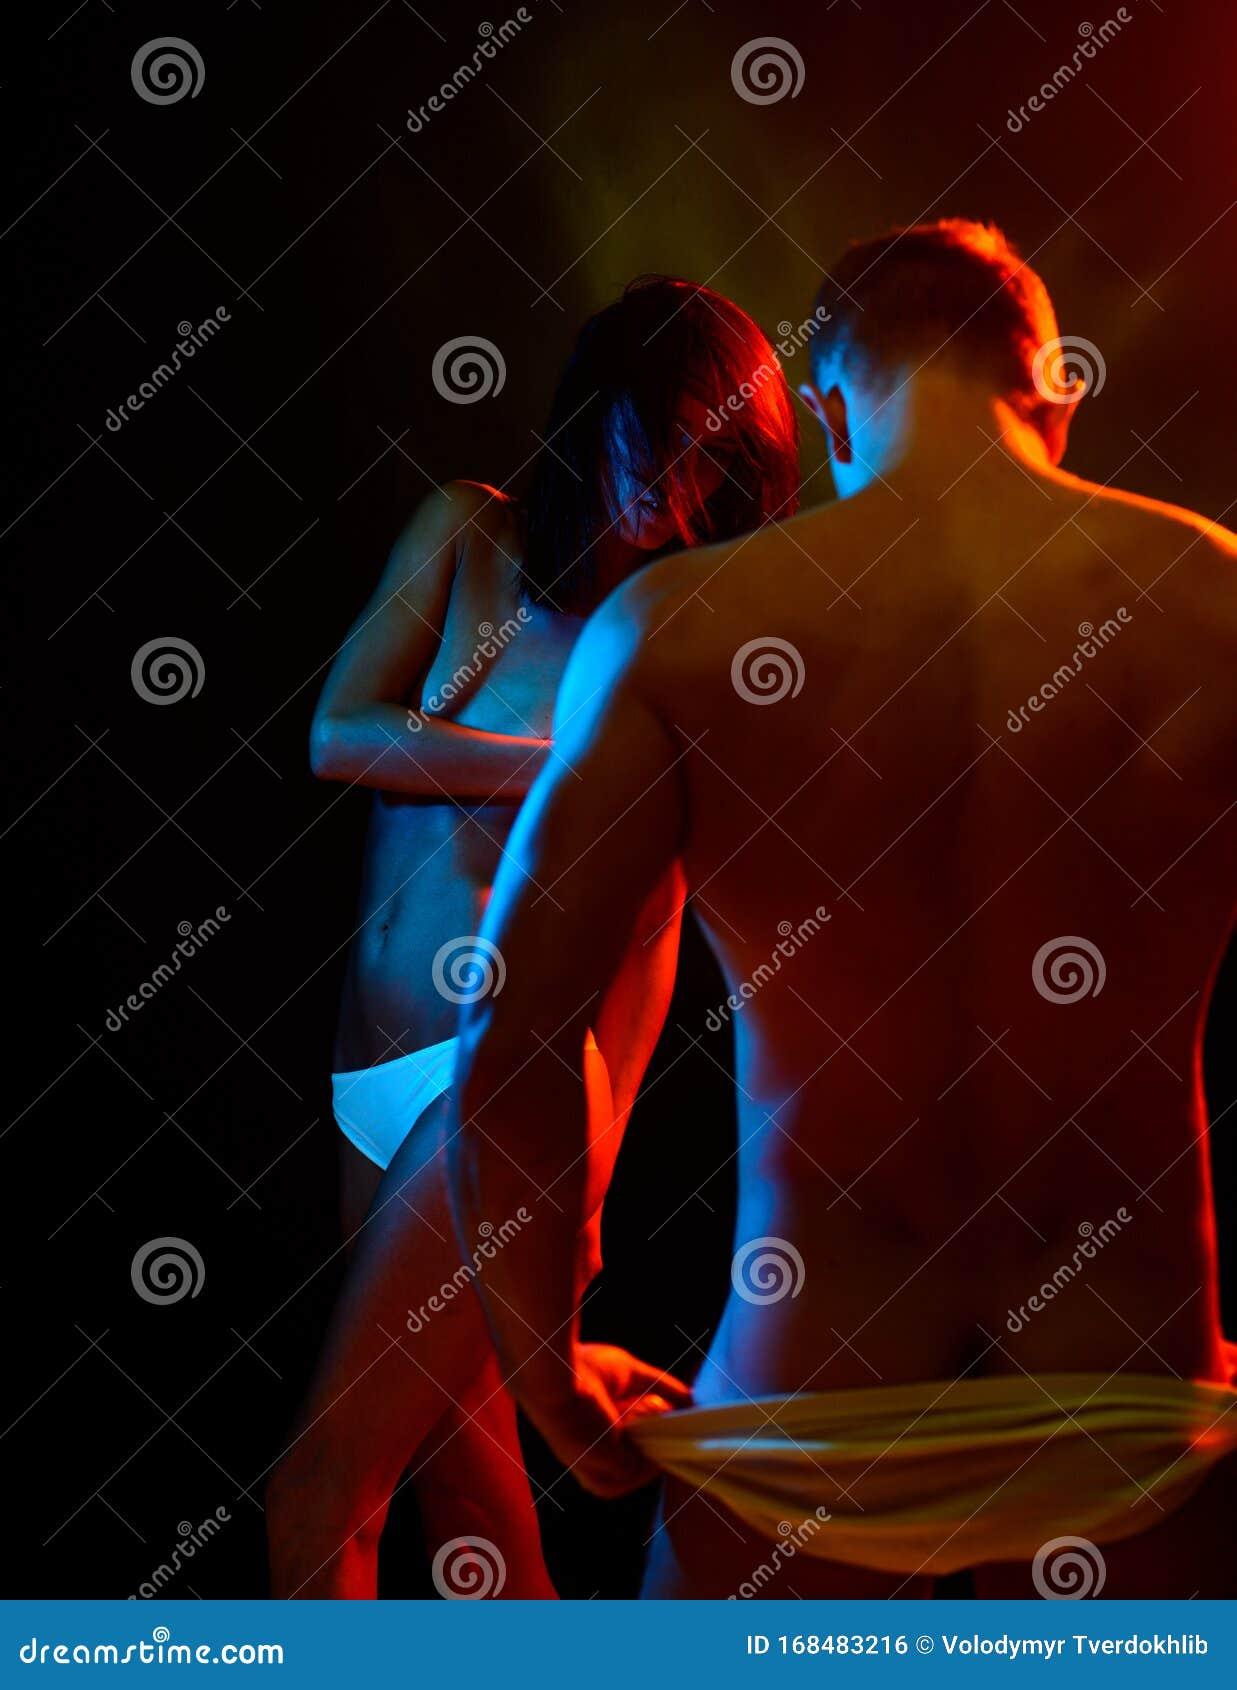 Una Pareja Sexy Desnuda En El Juego De Amor Con Luces Coloridas El Deseo Sexual Y El Concepto De Amor Fotografía De Arte De Moda Foto De Archivo Imagen De Piel